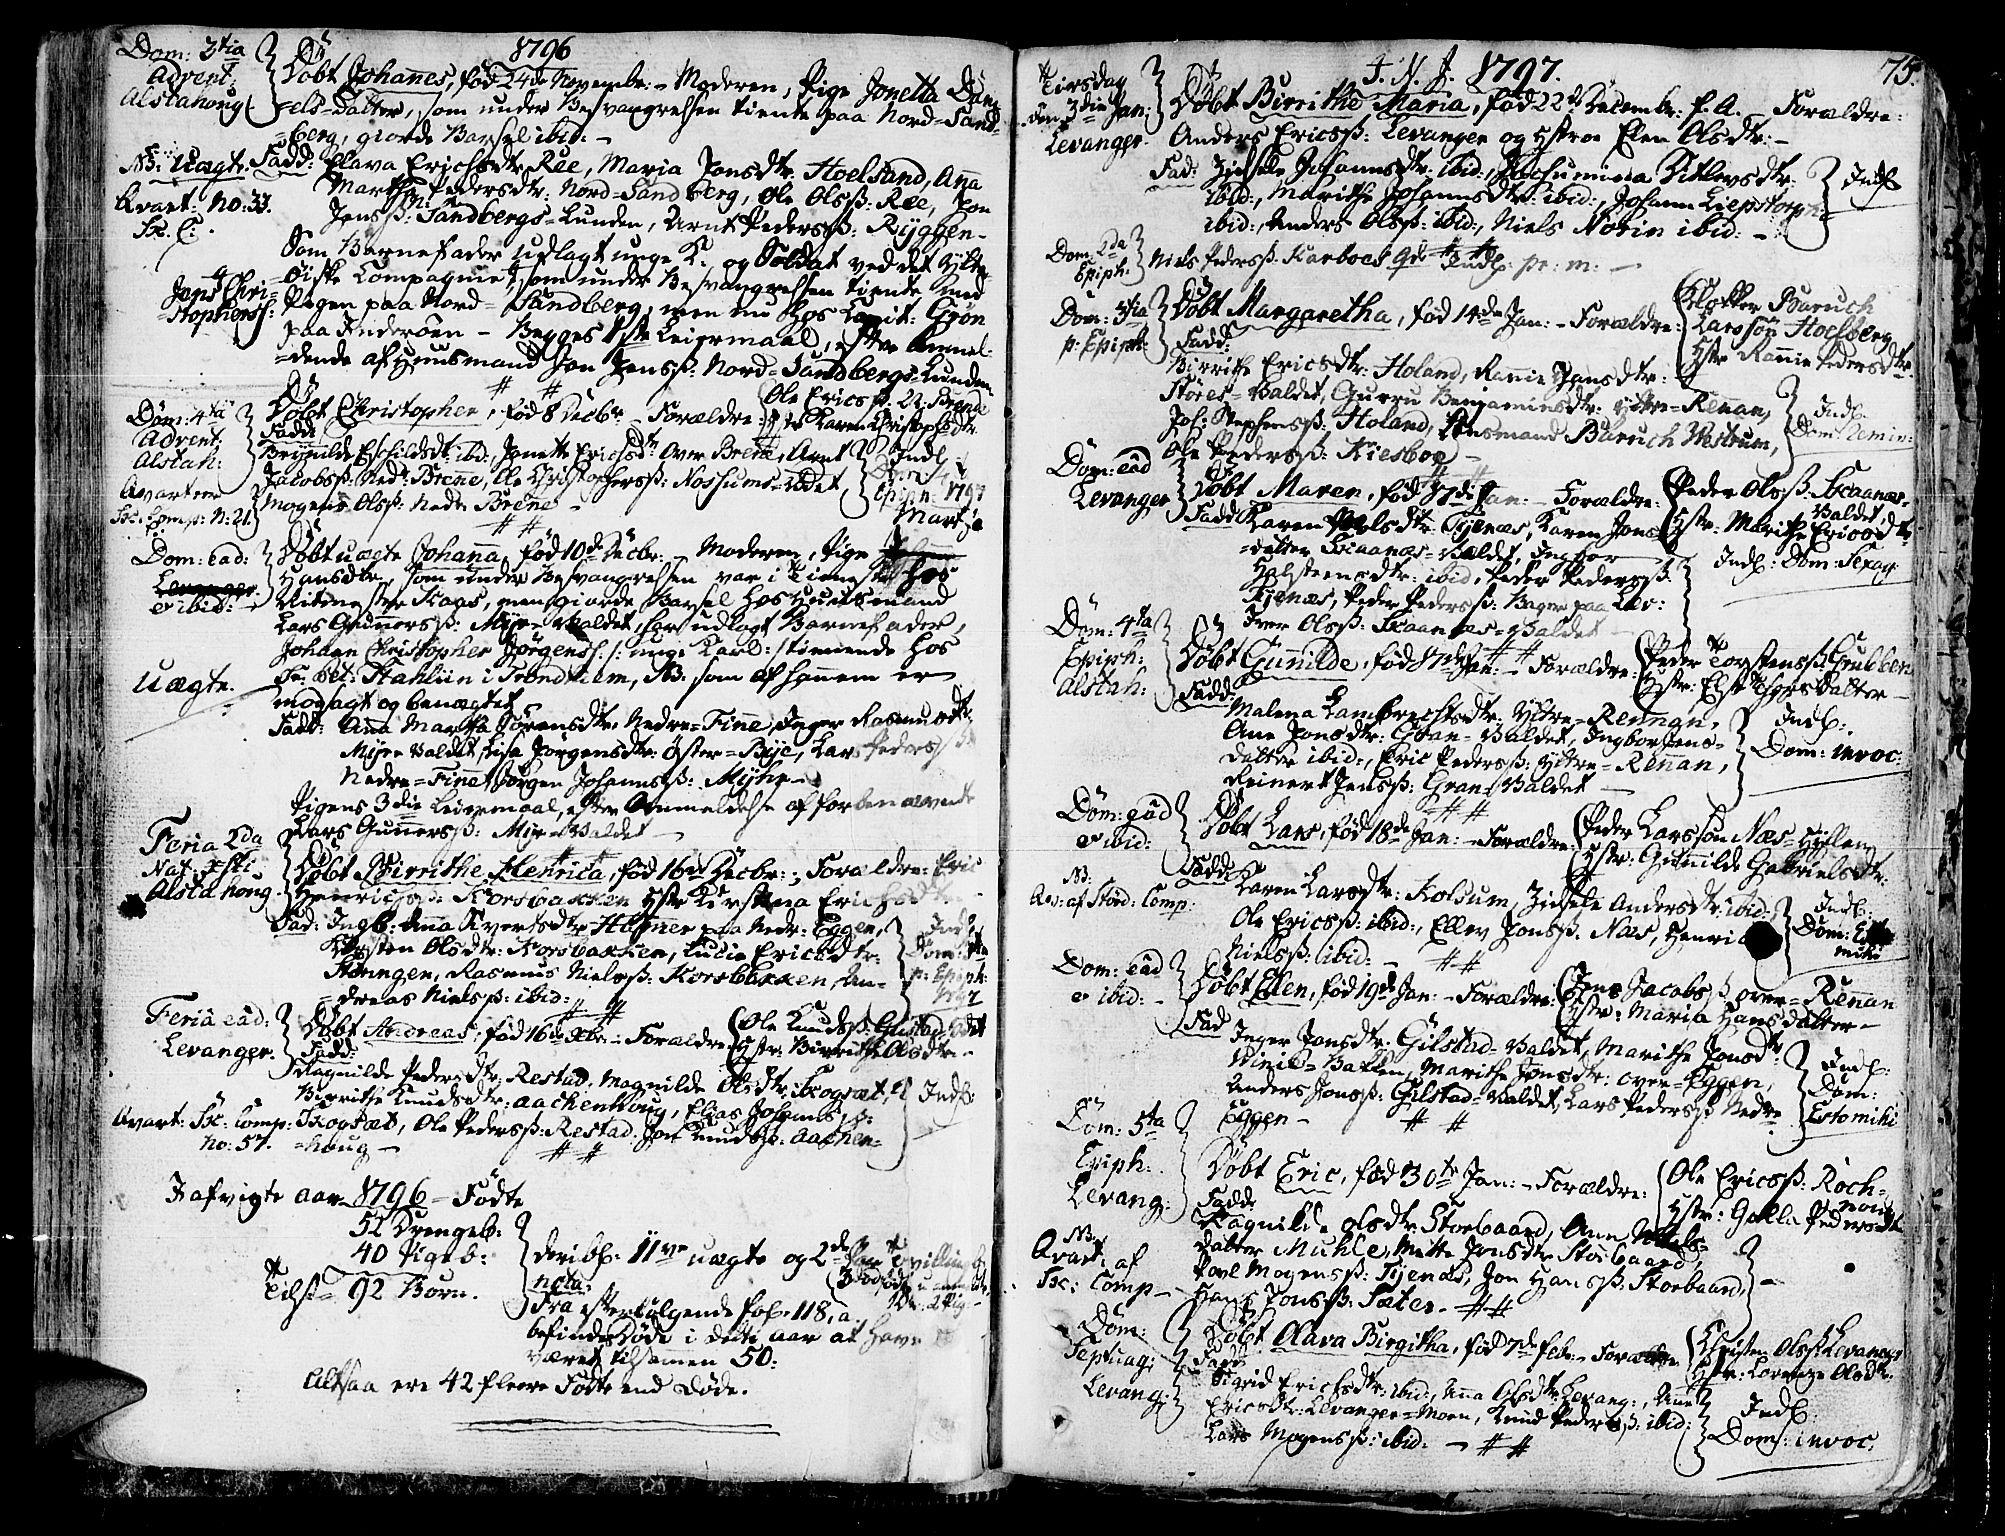 SAT, Ministerialprotokoller, klokkerbøker og fødselsregistre - Nord-Trøndelag, 717/L0142: Ministerialbok nr. 717A02 /1, 1783-1809, s. 75